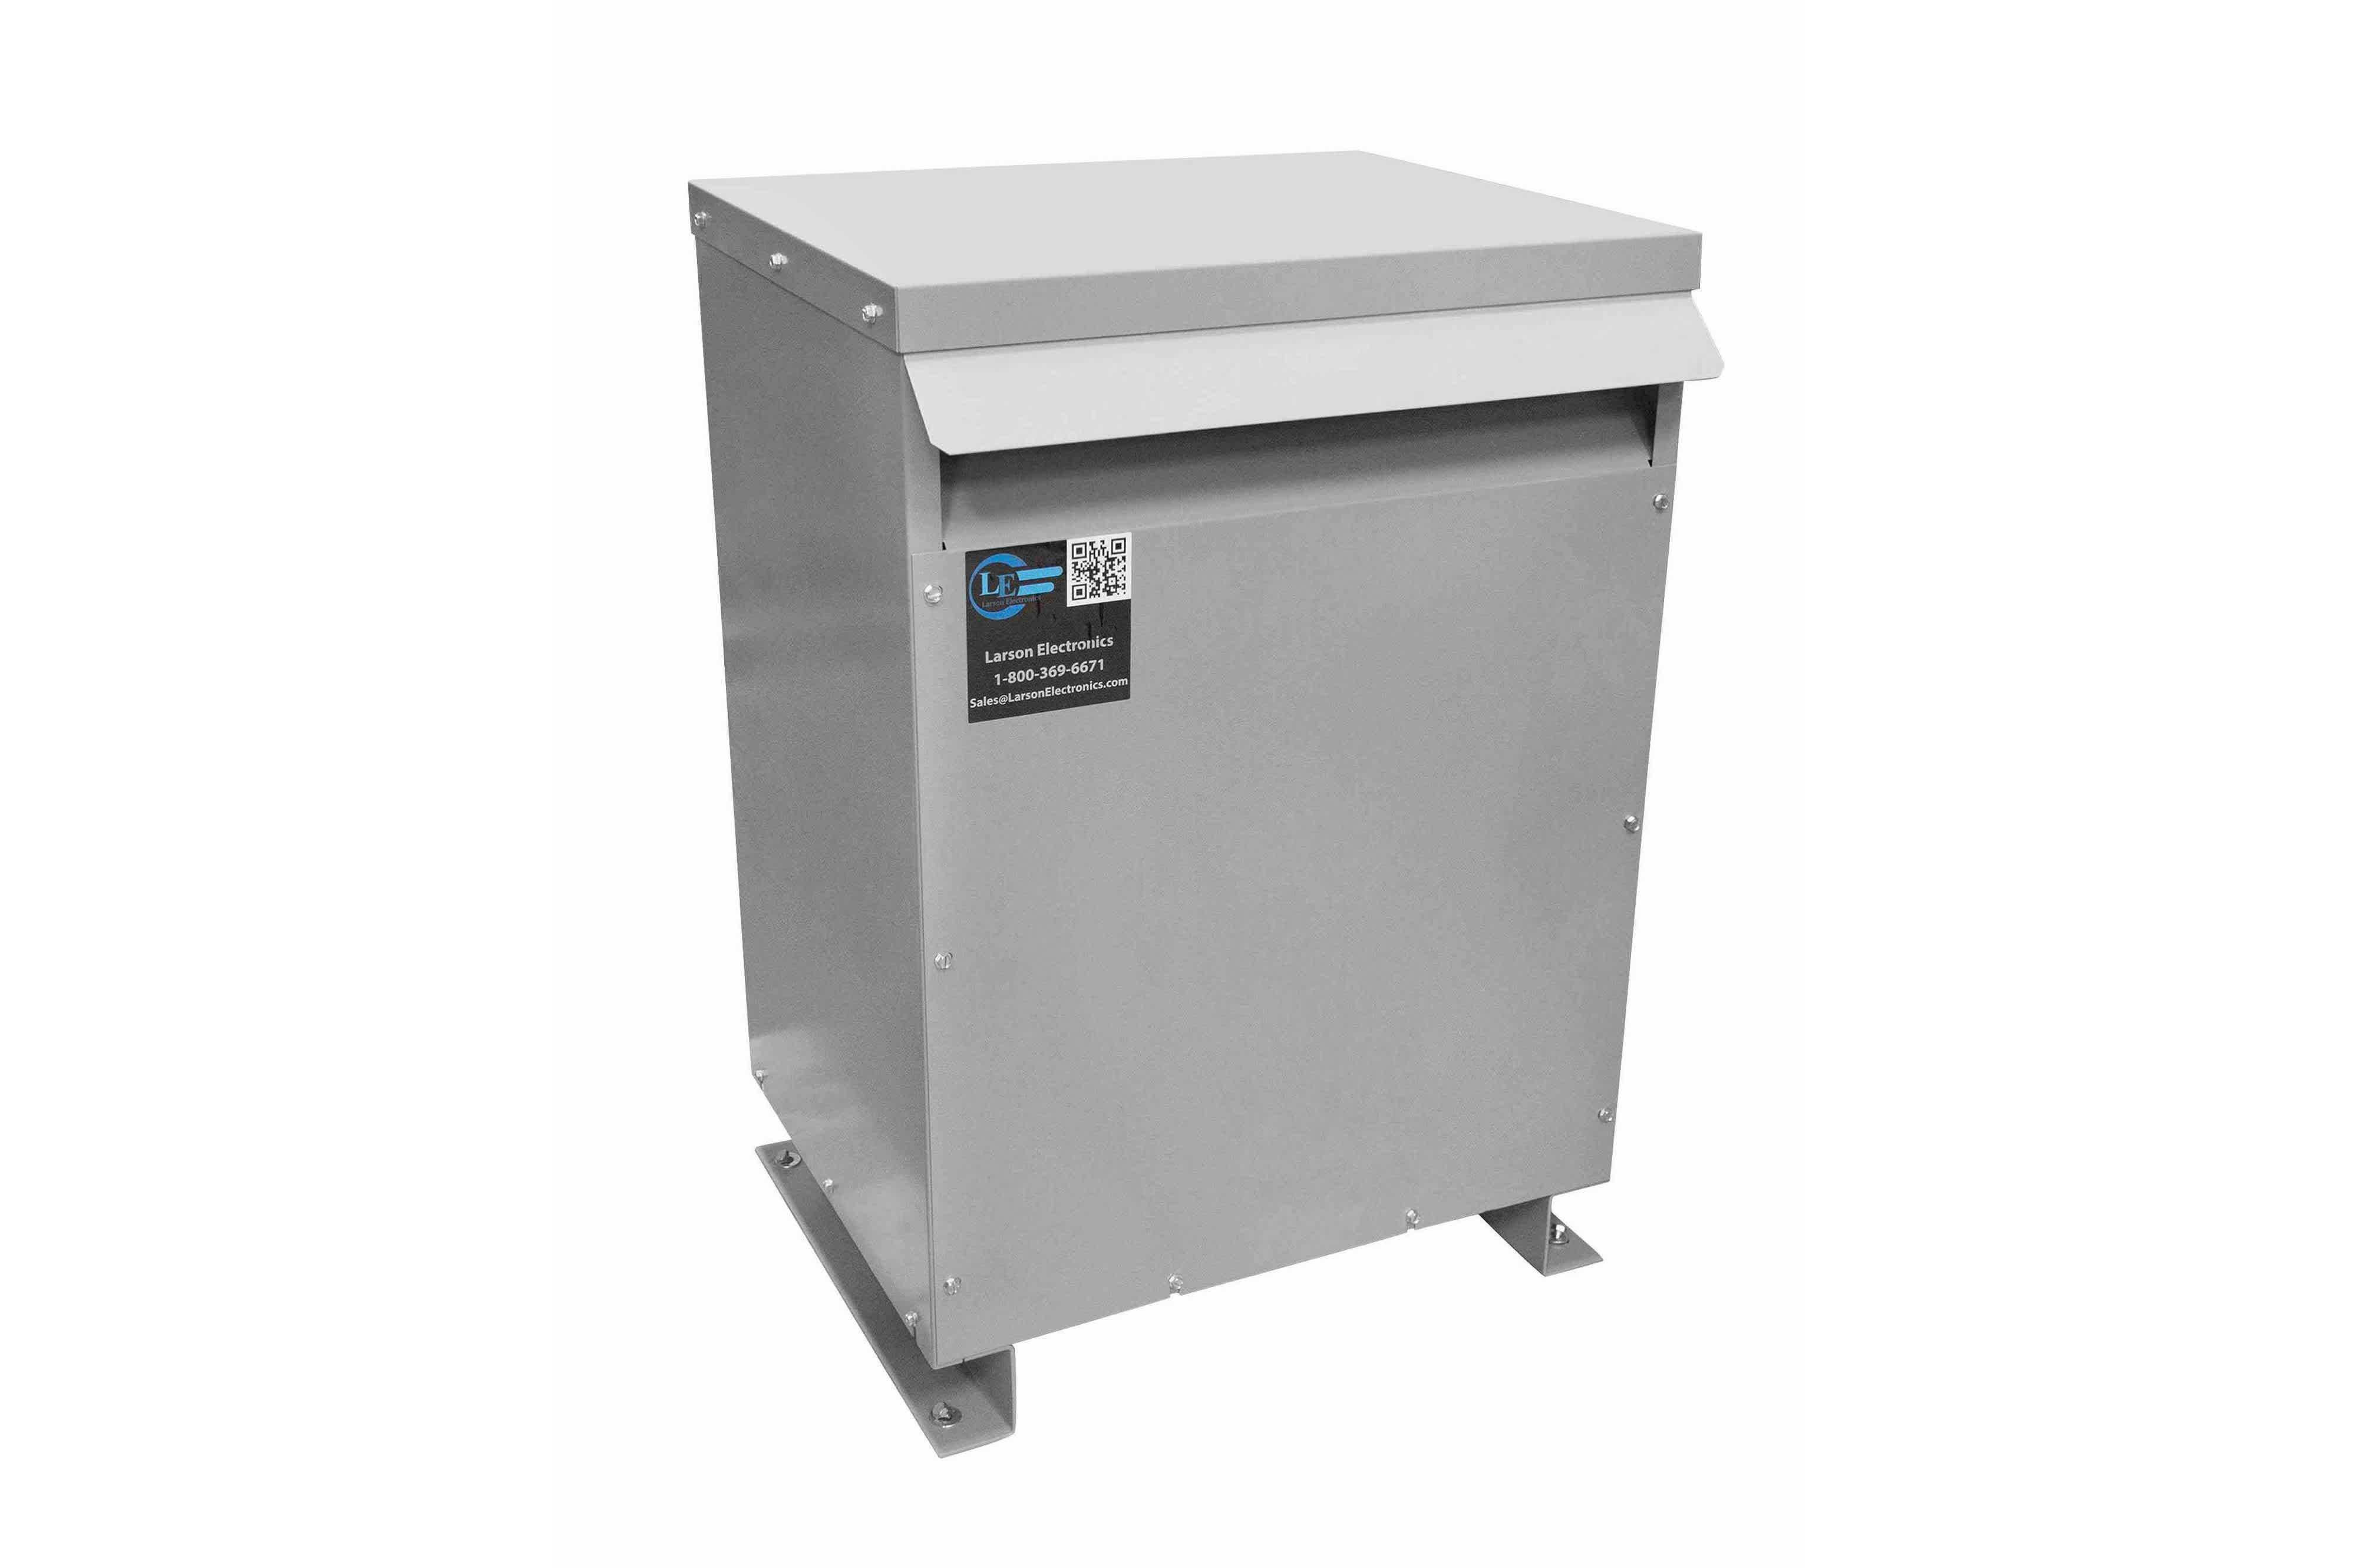 200 kVA 3PH Isolation Transformer, 600V Delta Primary, 240 Delta Secondary, N3R, Ventilated, 60 Hz